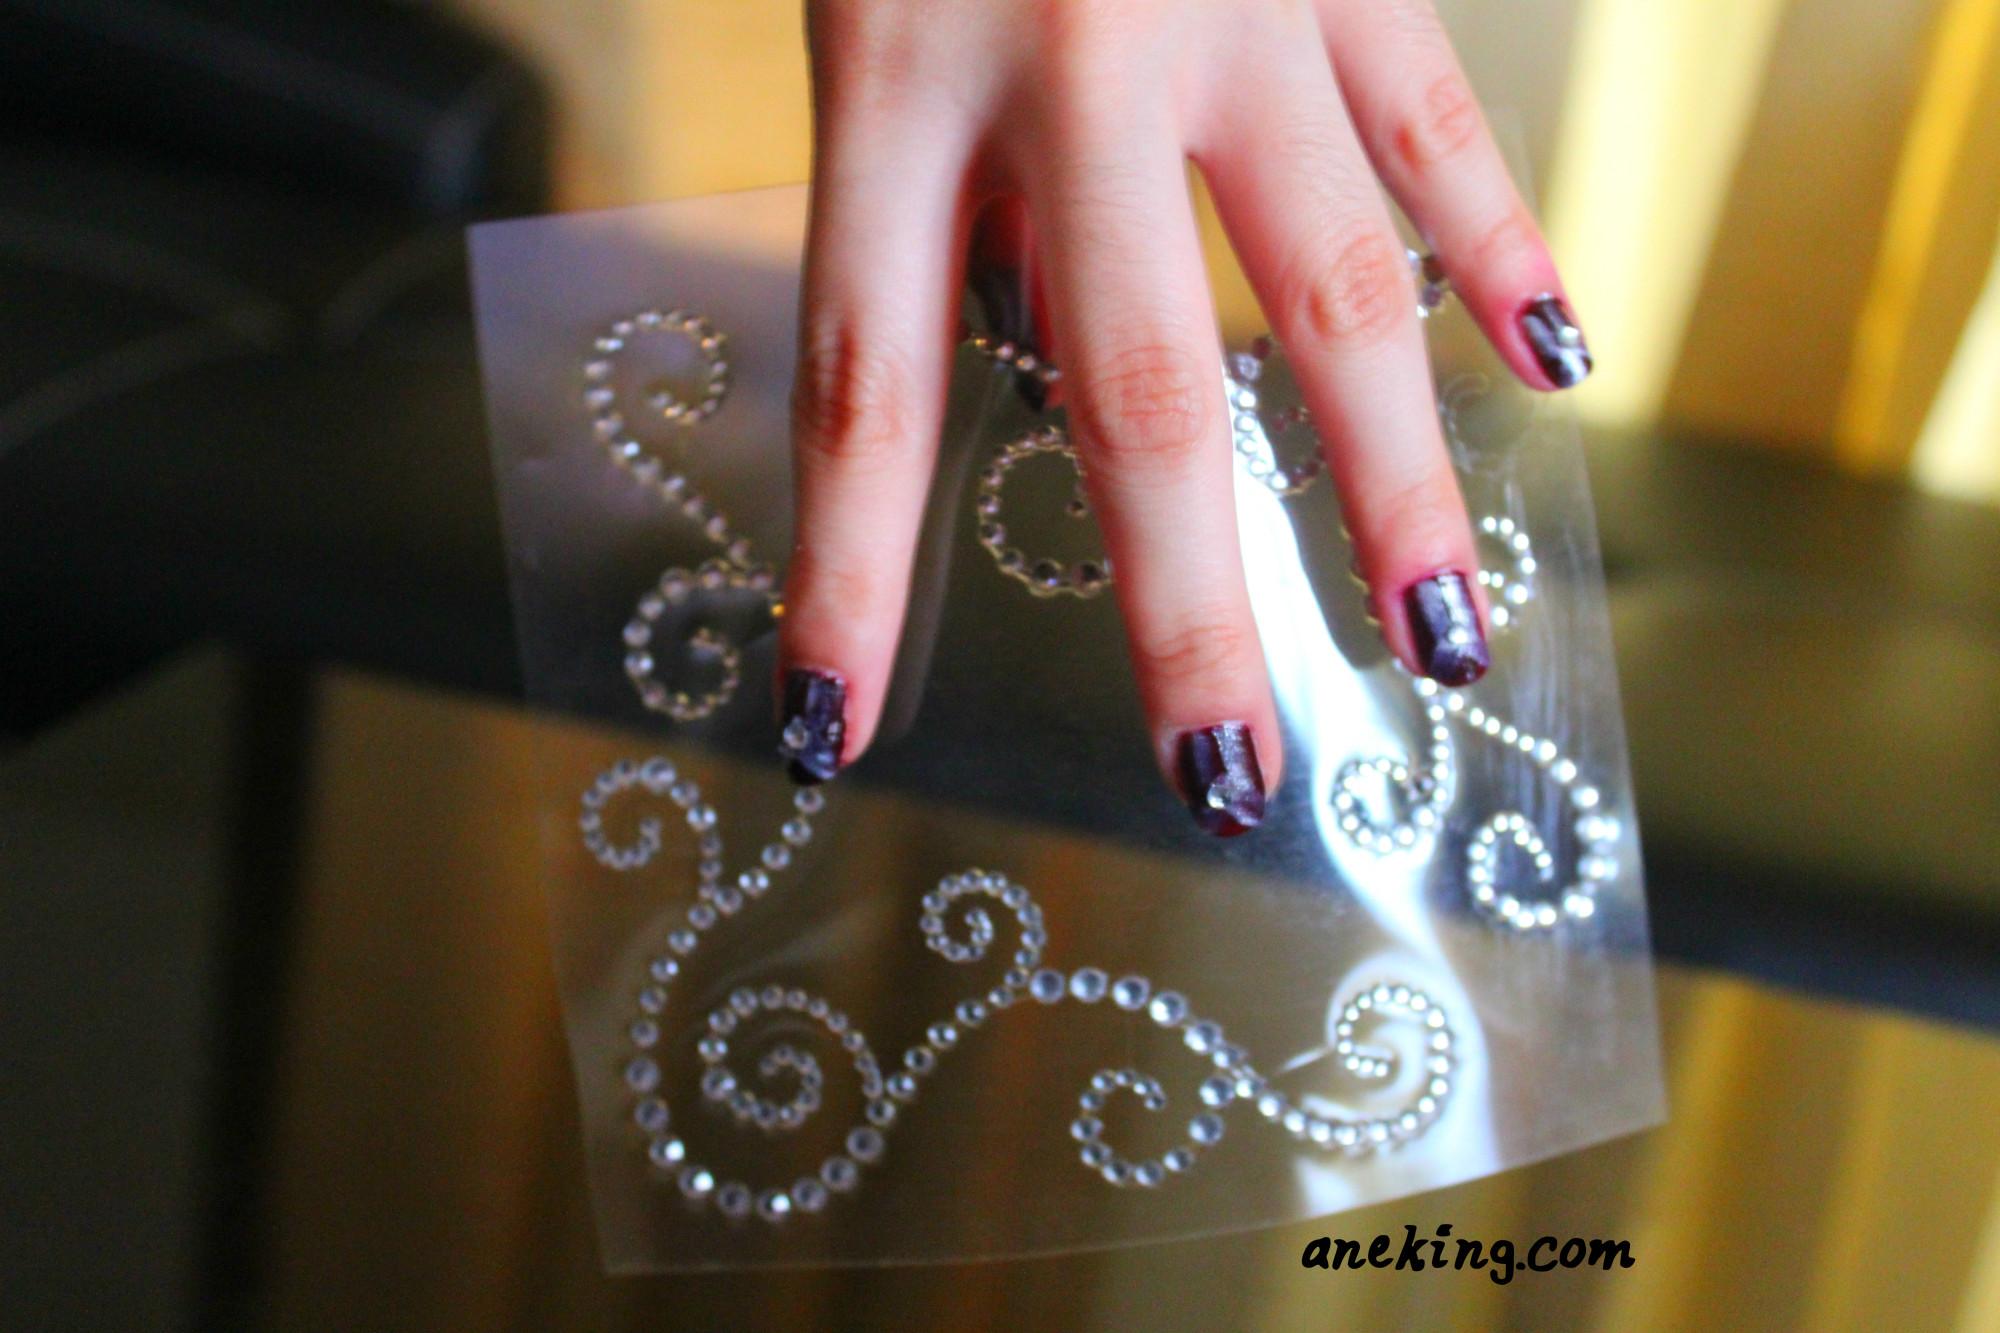 Art Deco Nail Art - Ane King